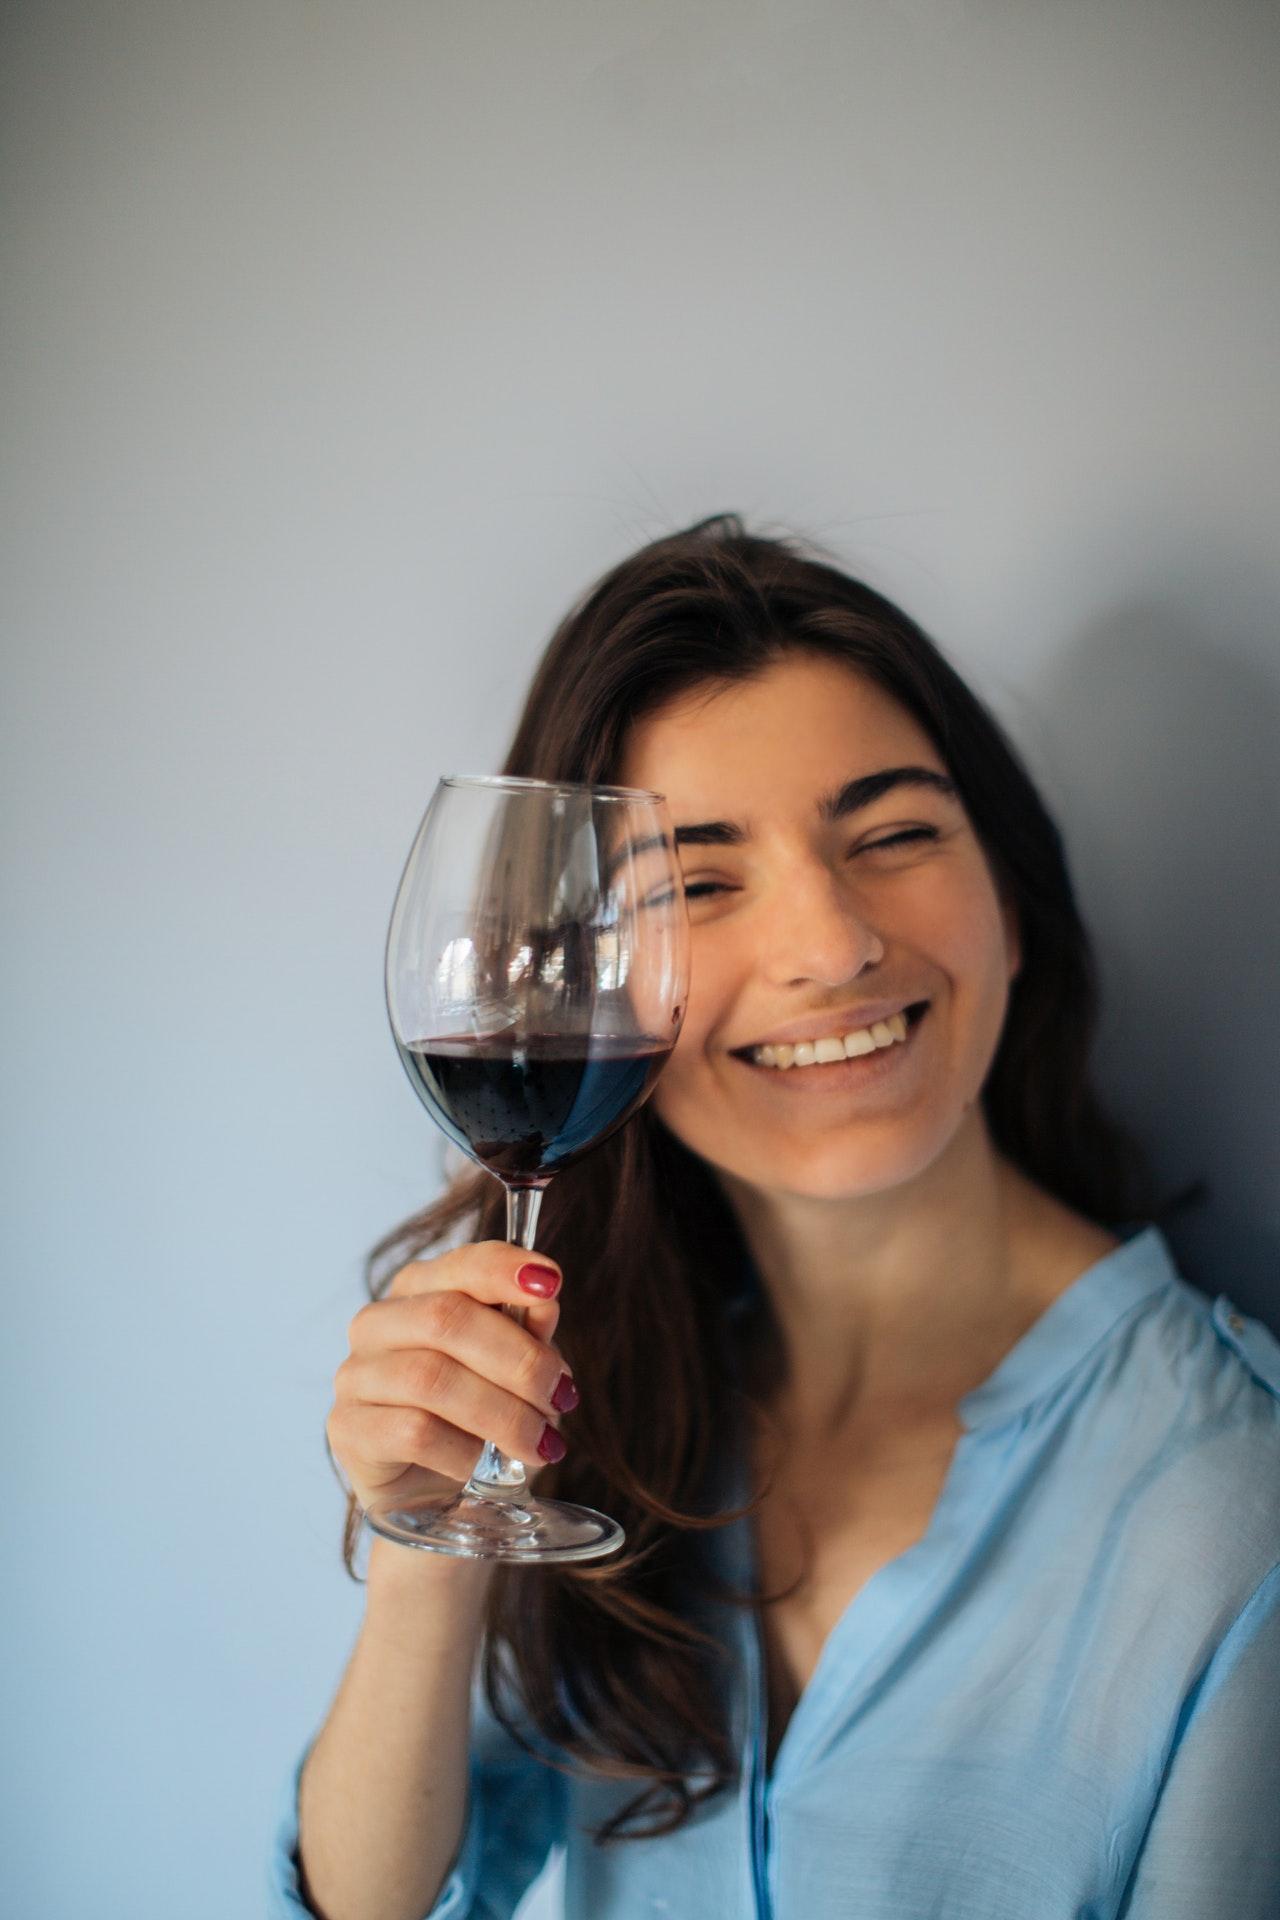 Durch den Einsatz einer Weinpumpe, bleibt der Wein länger genießbar.